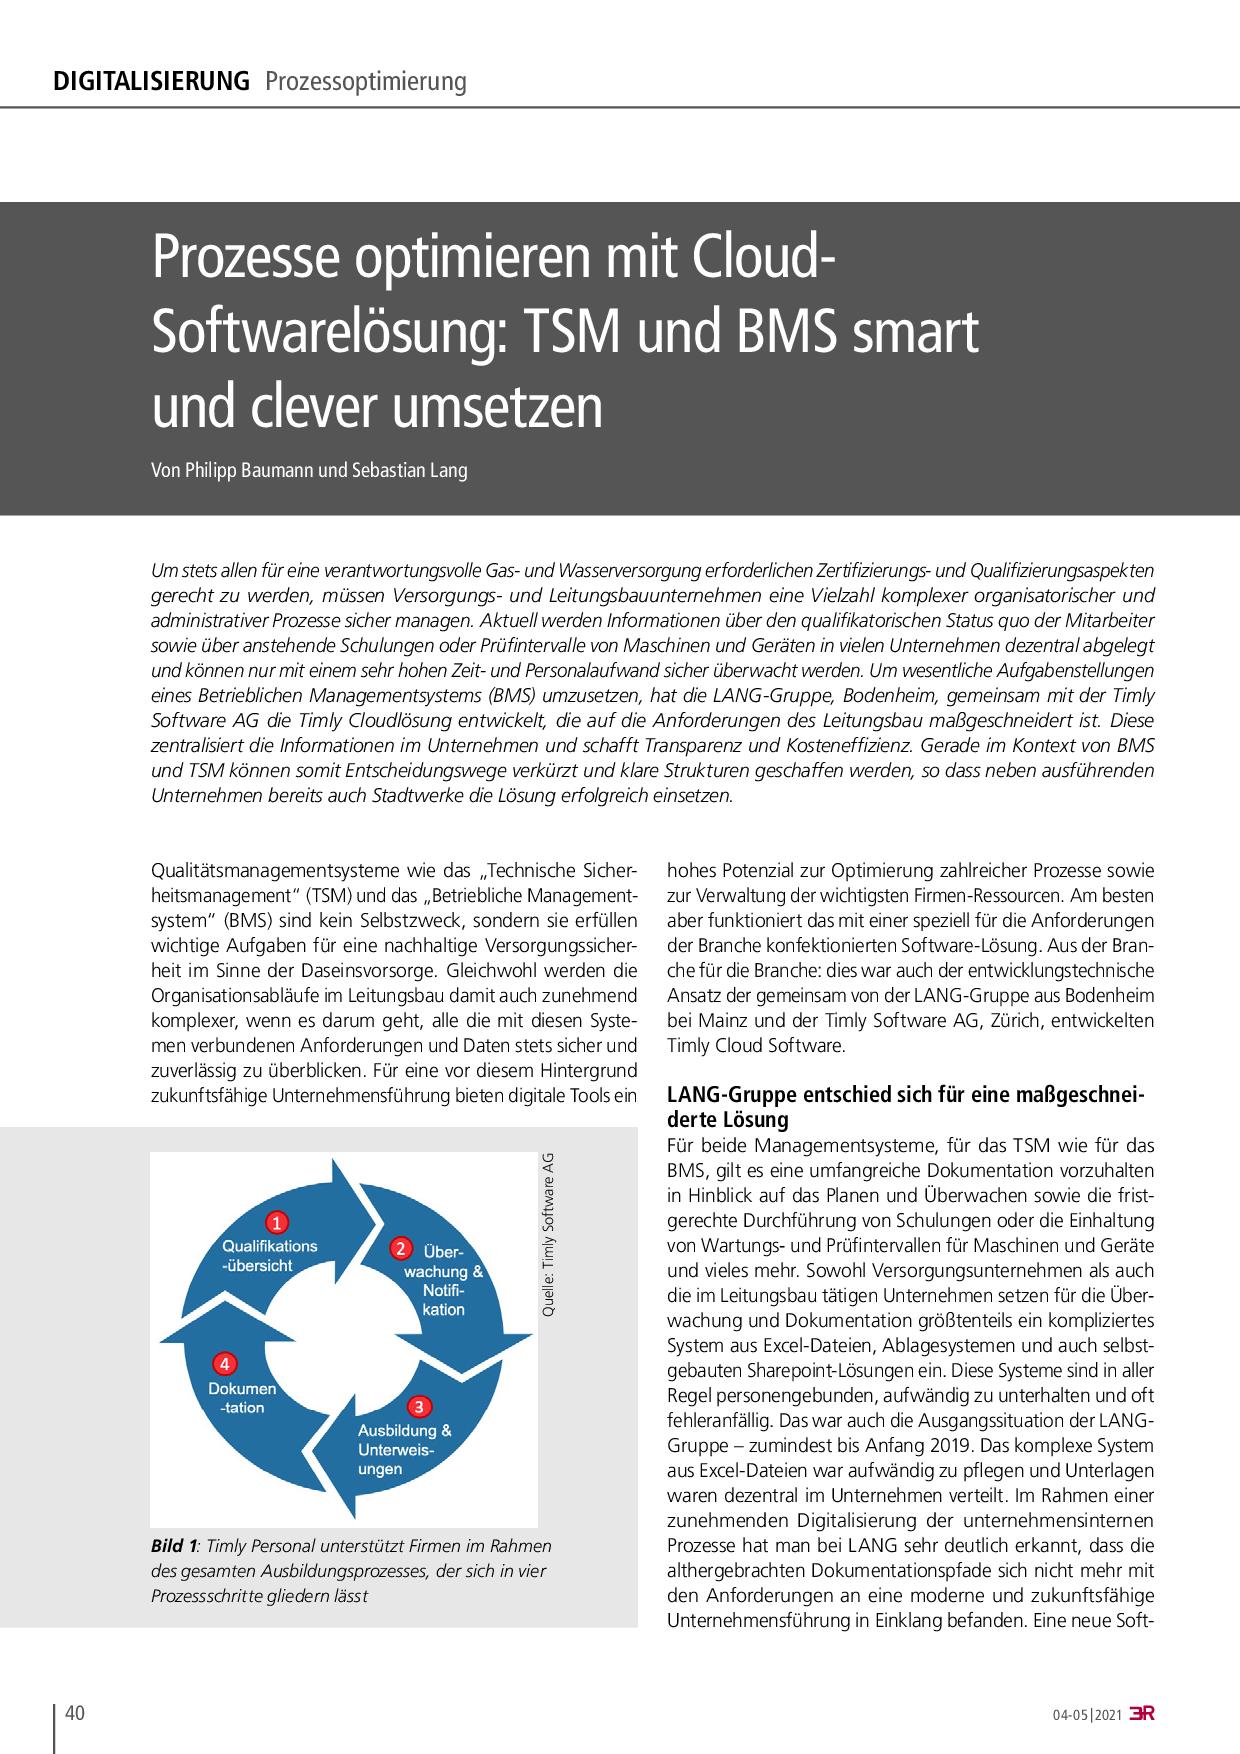 Prozesse optimieren mit Cloud- Softwarelösung: TSM und BMS smart und clever umsetzen